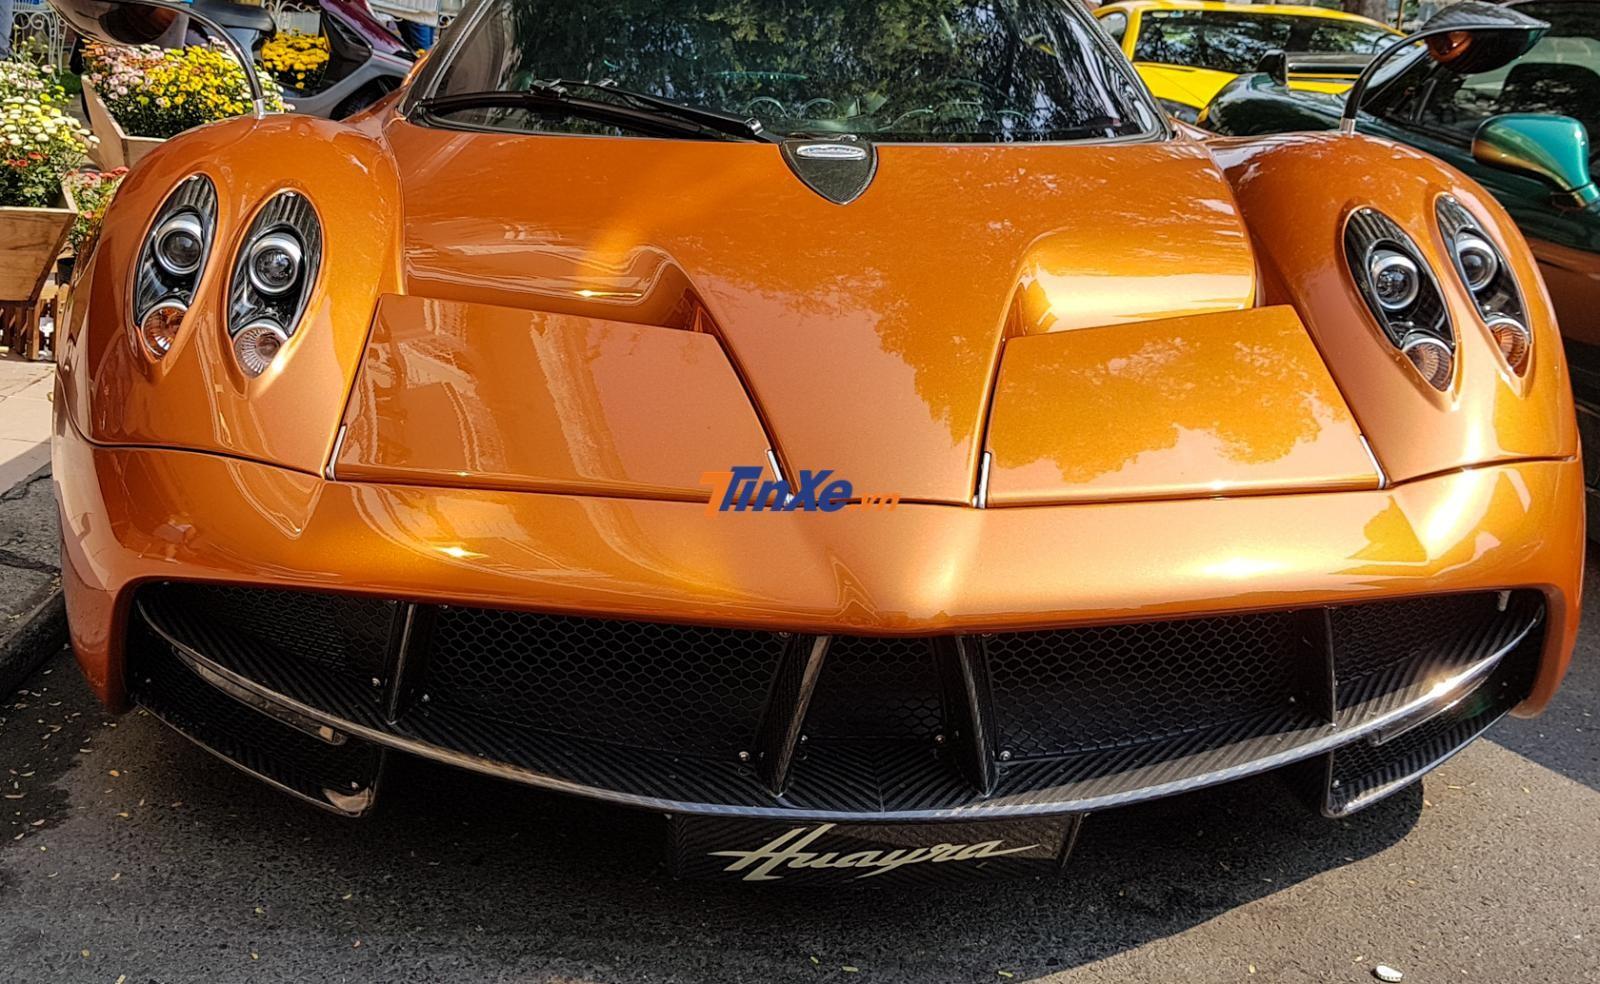 Pagani Huayra Coupe chỉ có 100 chiếc được sản xuất trên thế giới